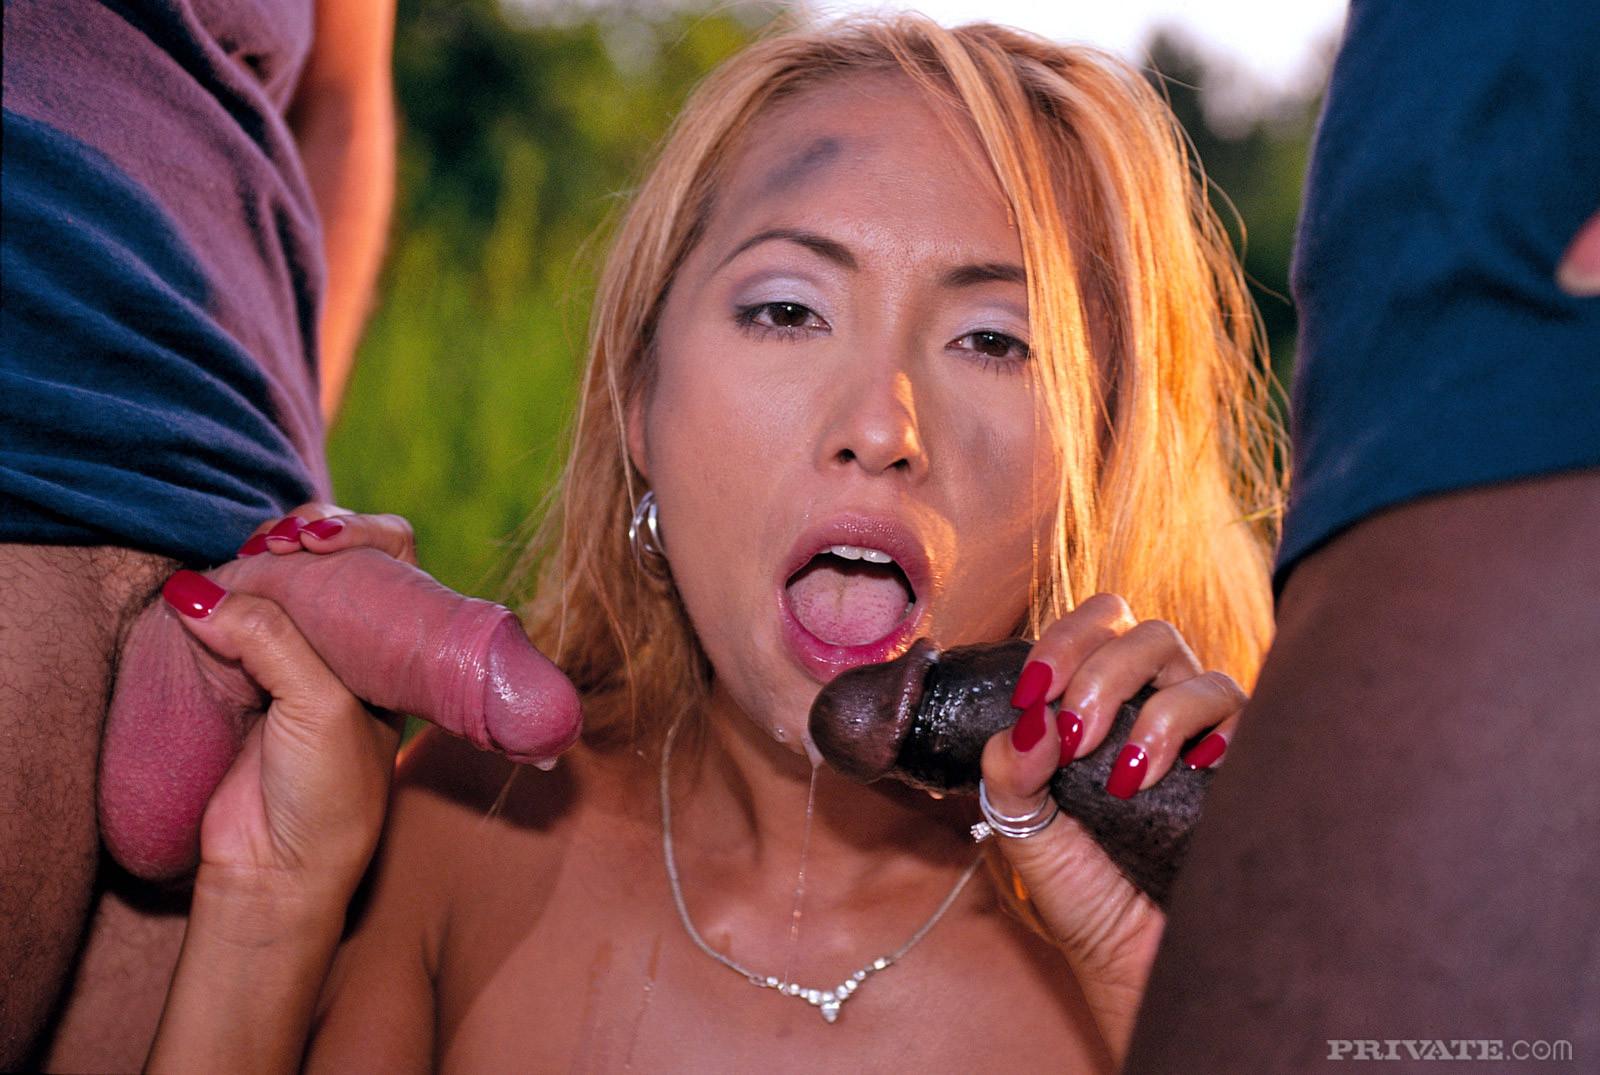 Рыжая азиатская шлюшка сосет белый и черный член, а они ее трахают прямо на грязной земле